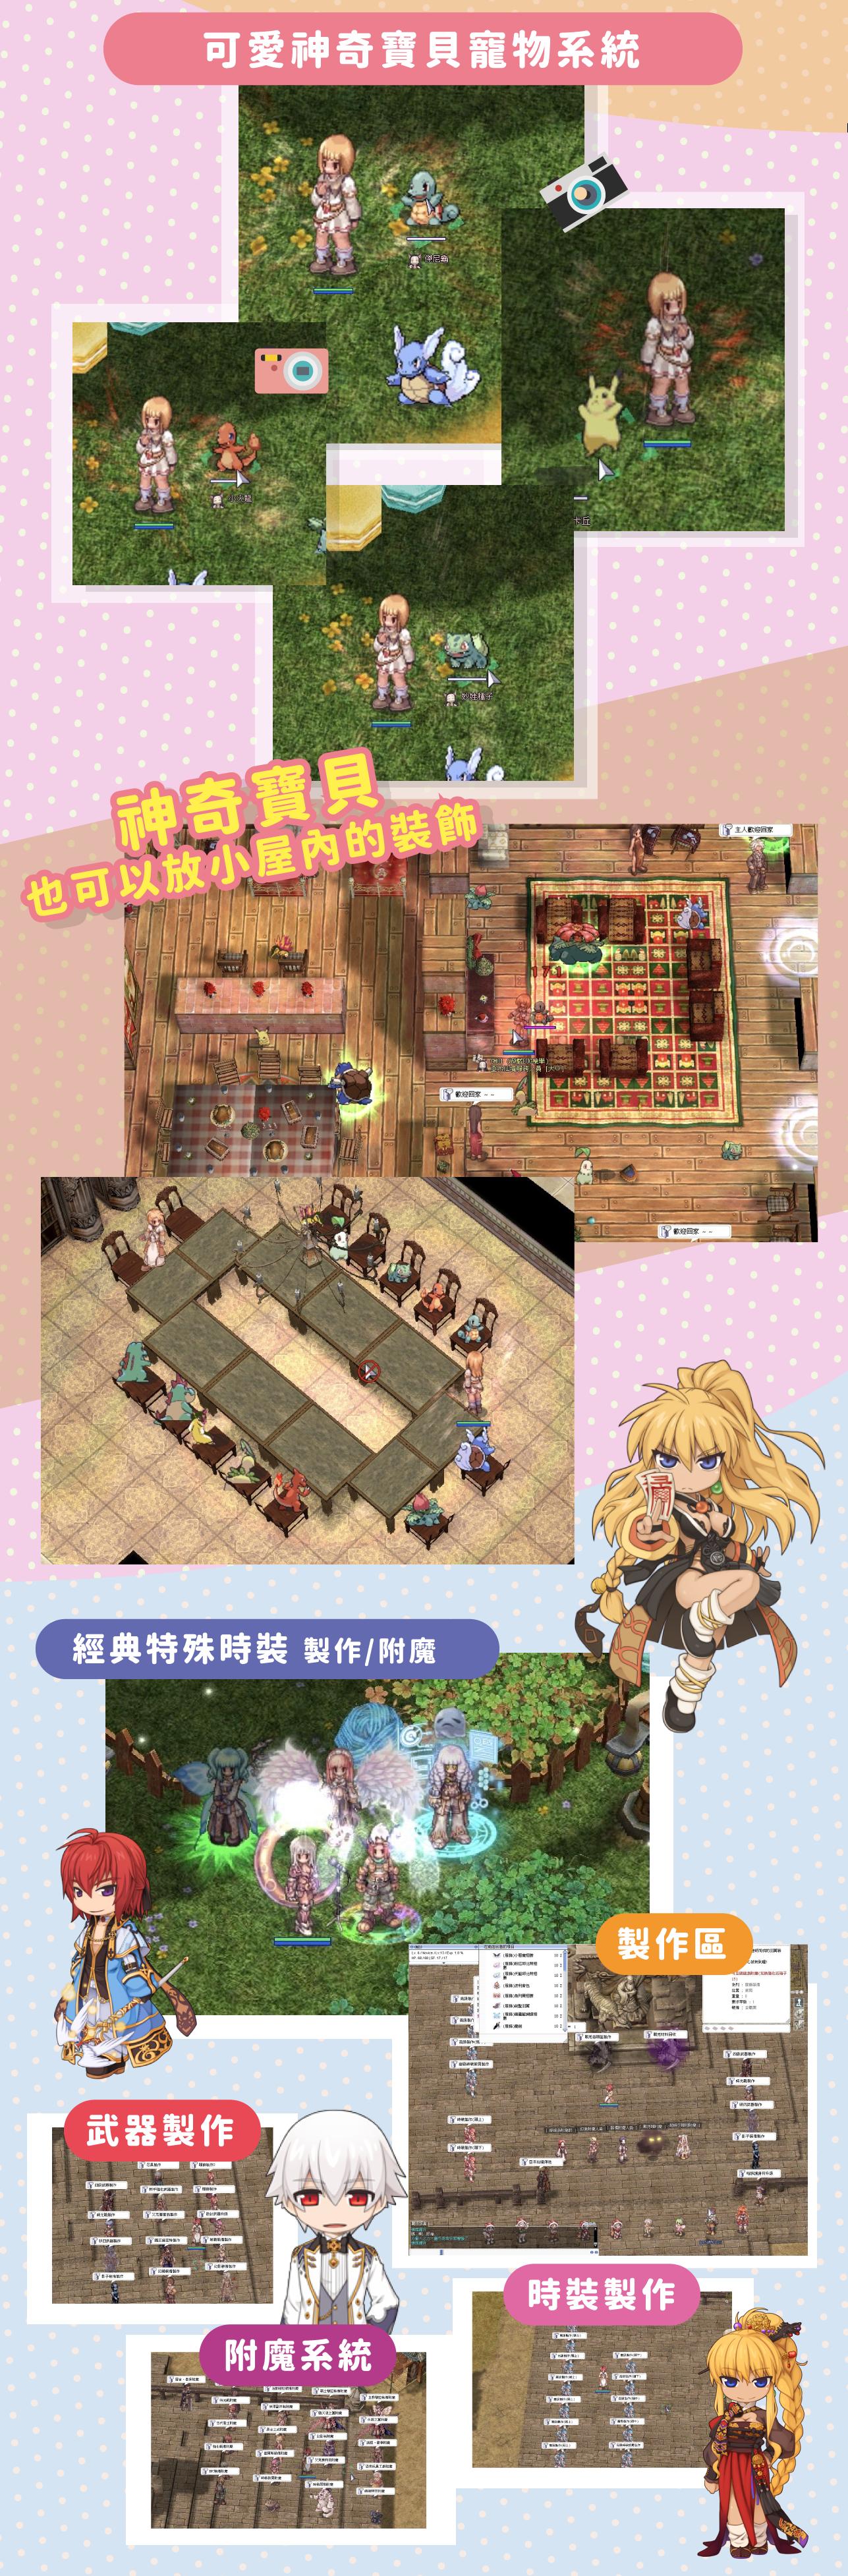 0613RO-遊戲特色3.png